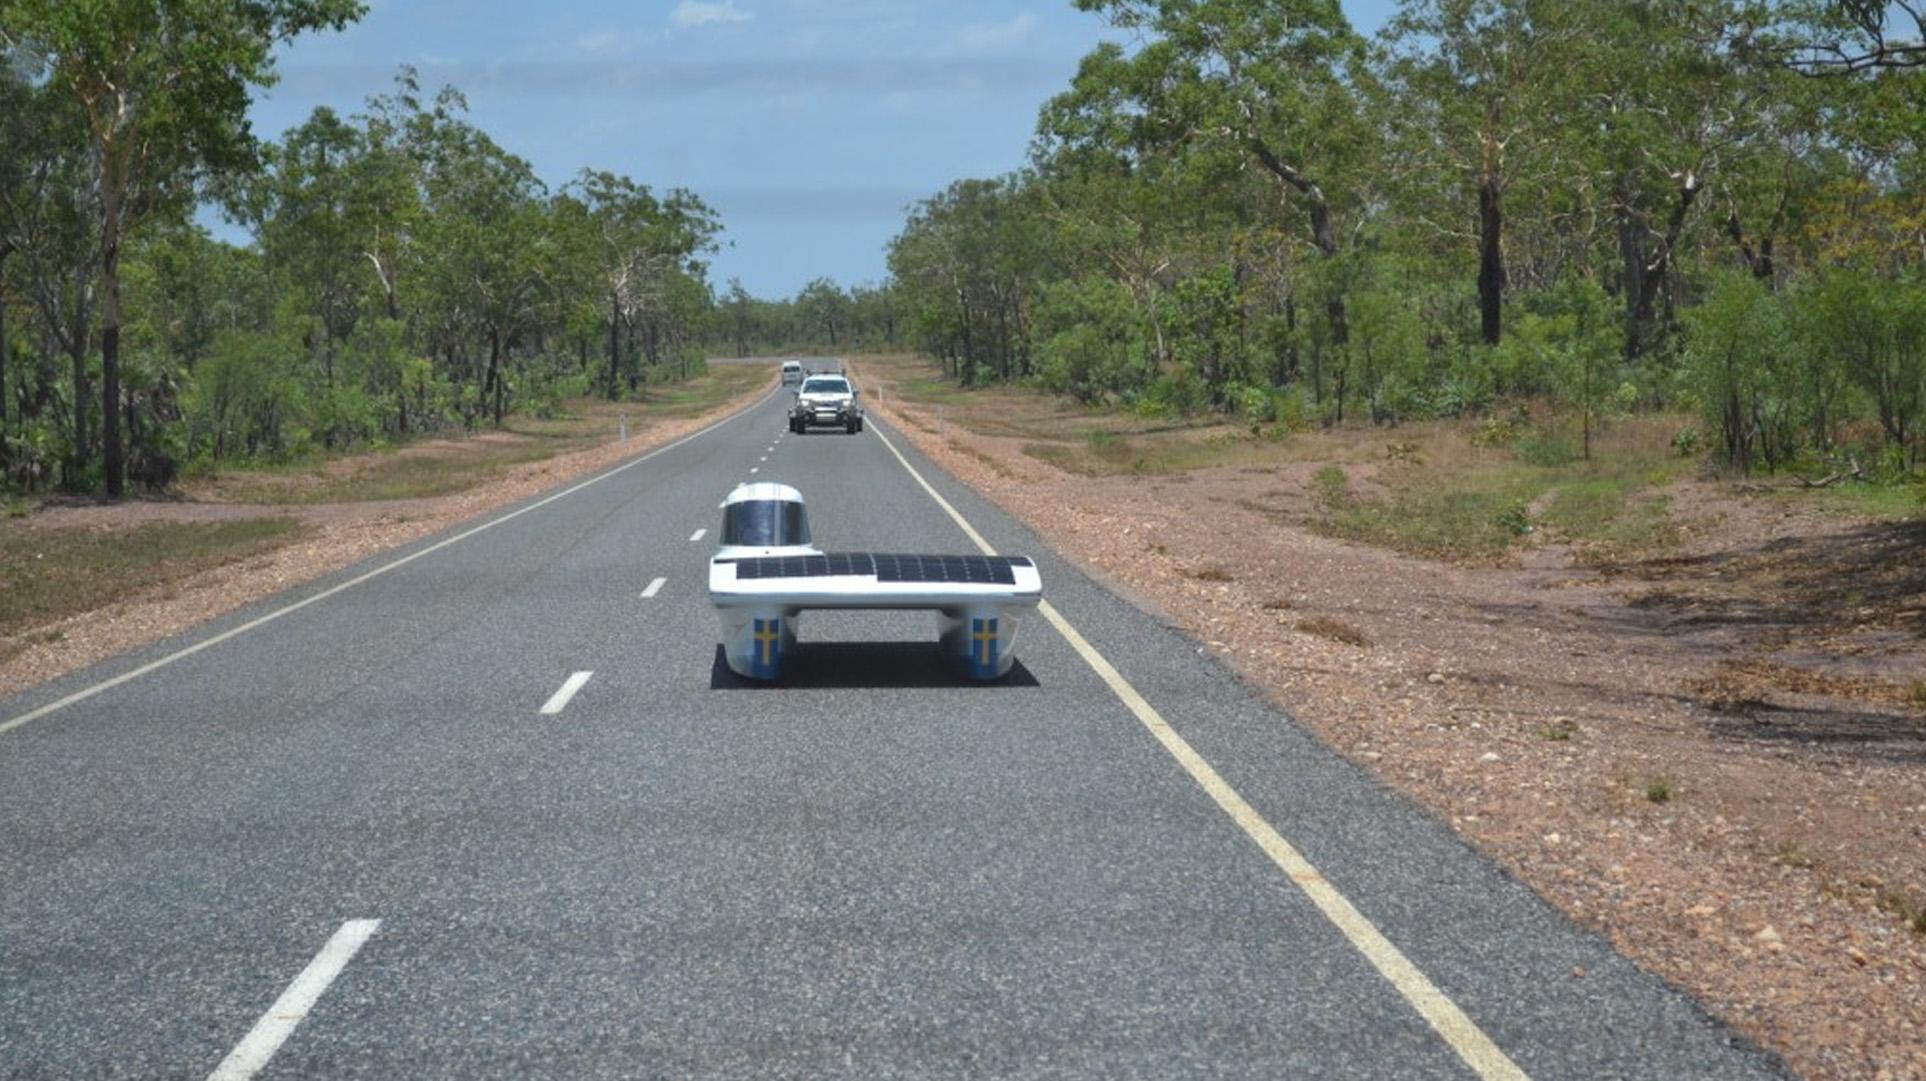 Aurinkoautokisaa